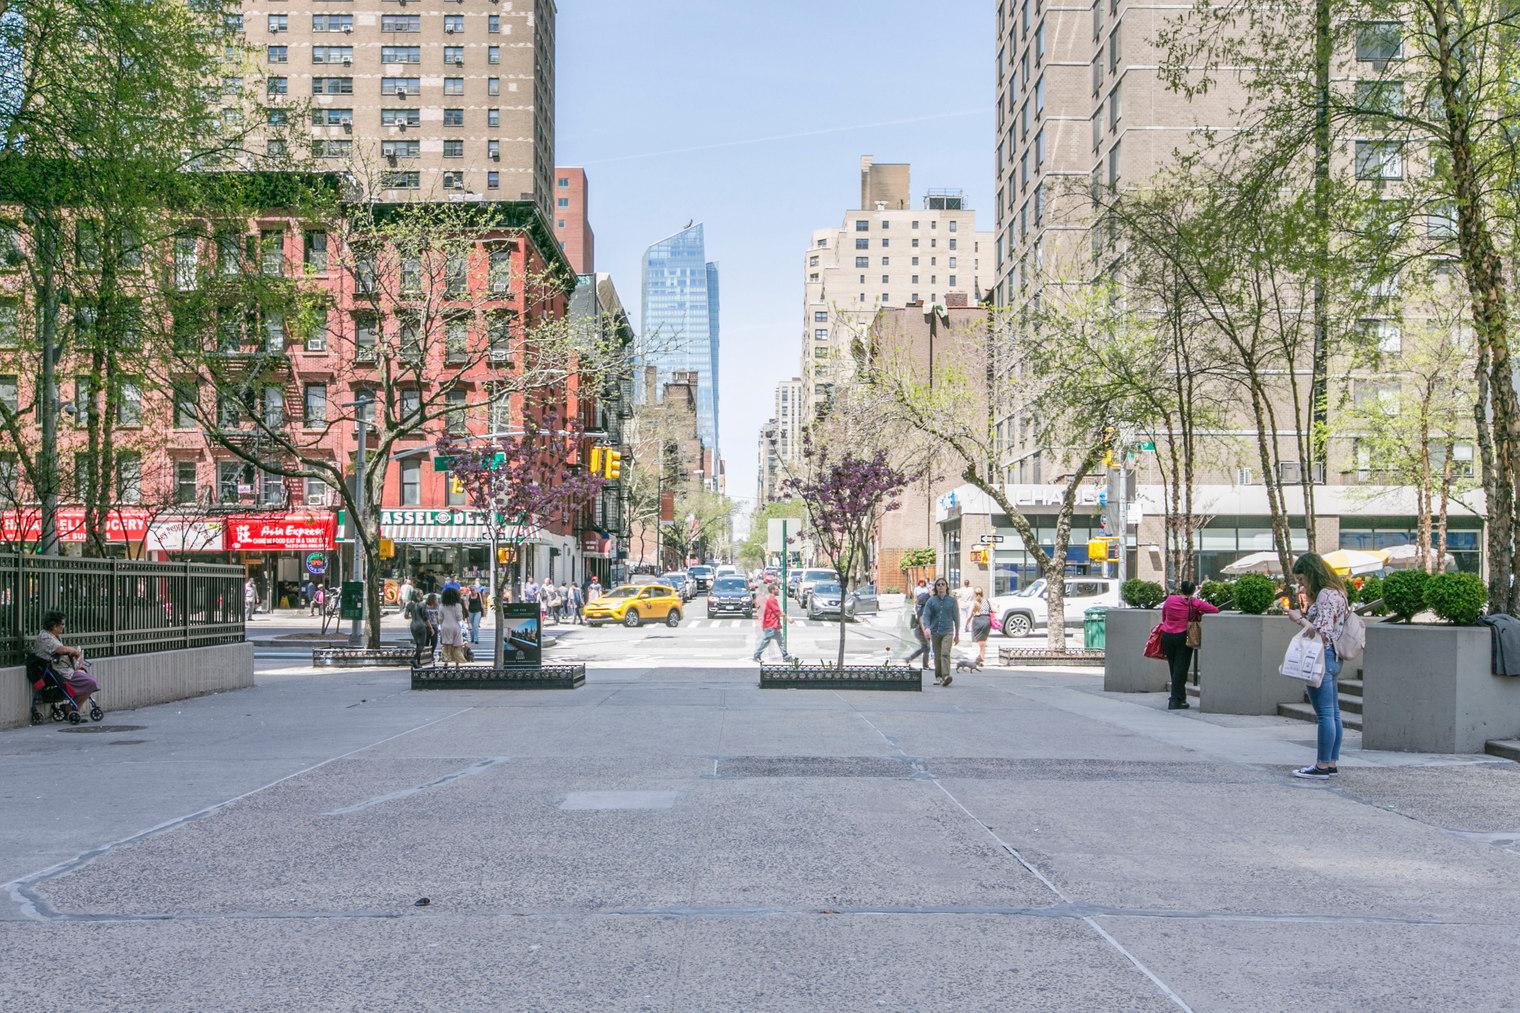 470 Second Avenue Kips Bay New York NY 10016